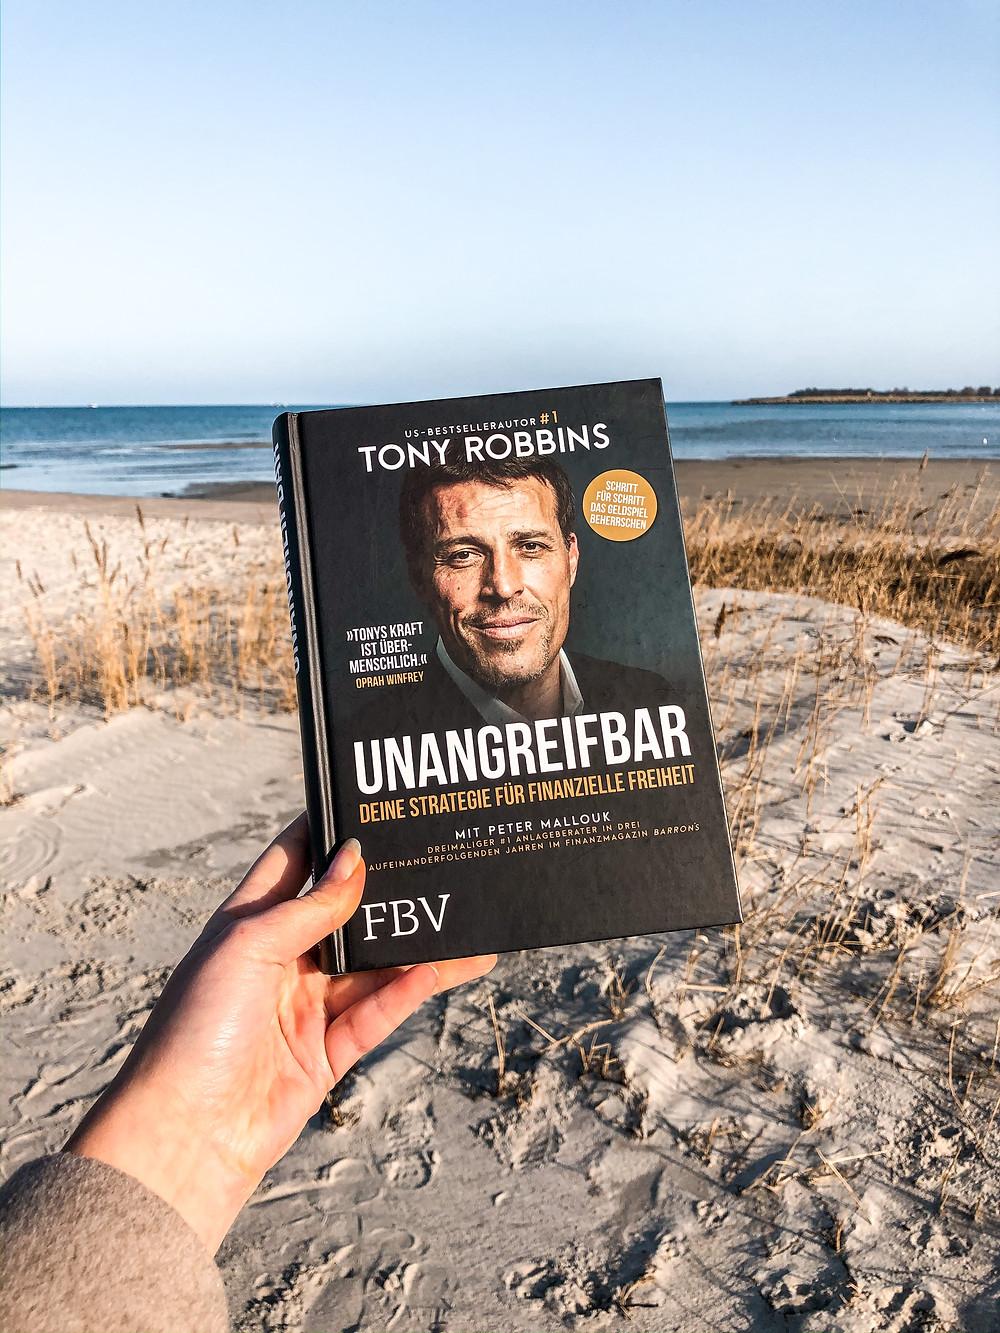 In Unangreifbar zeigt Bestseller-Autor Tony Robbins wie man es schaffen kann, sein Money-Mindset positiv zu verändern und ein Vermögen anzuhäufen.